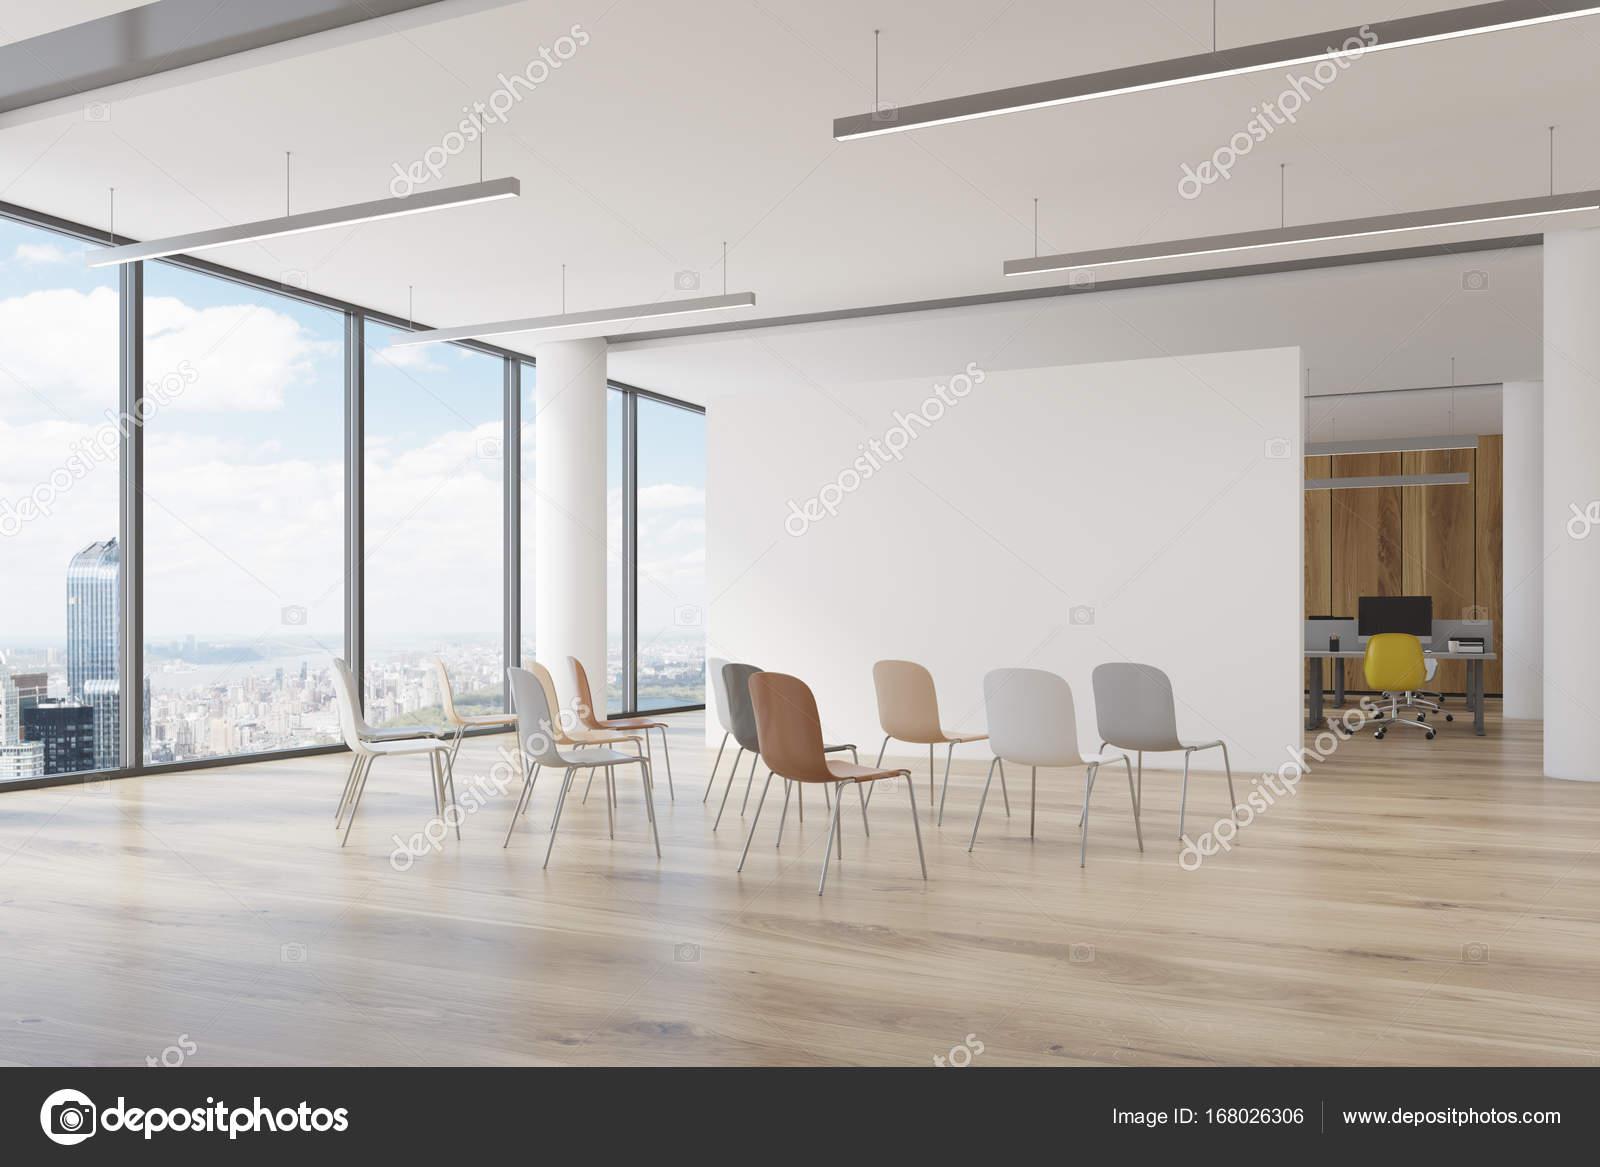 Sala De Escrit Rio Cadeiras Coloridas Canto Stock Photo  -> Sala Branca Com Parede Colorida